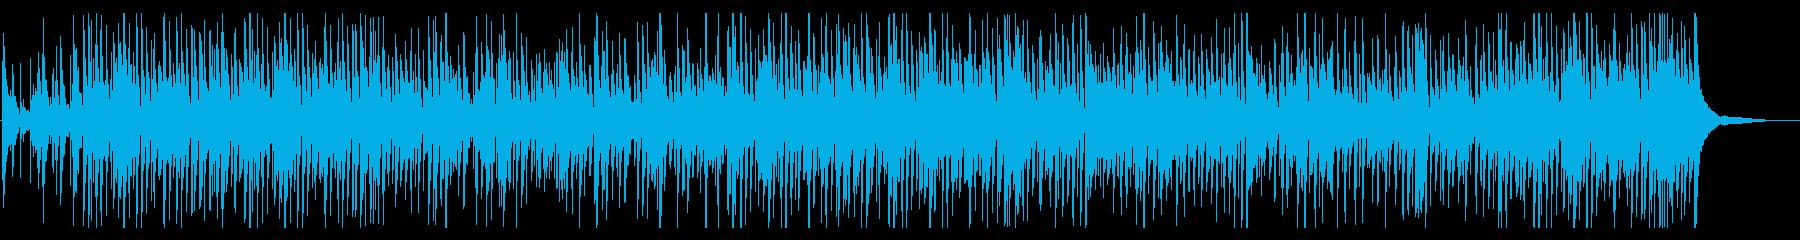 涼しげなBossa Novaの再生済みの波形